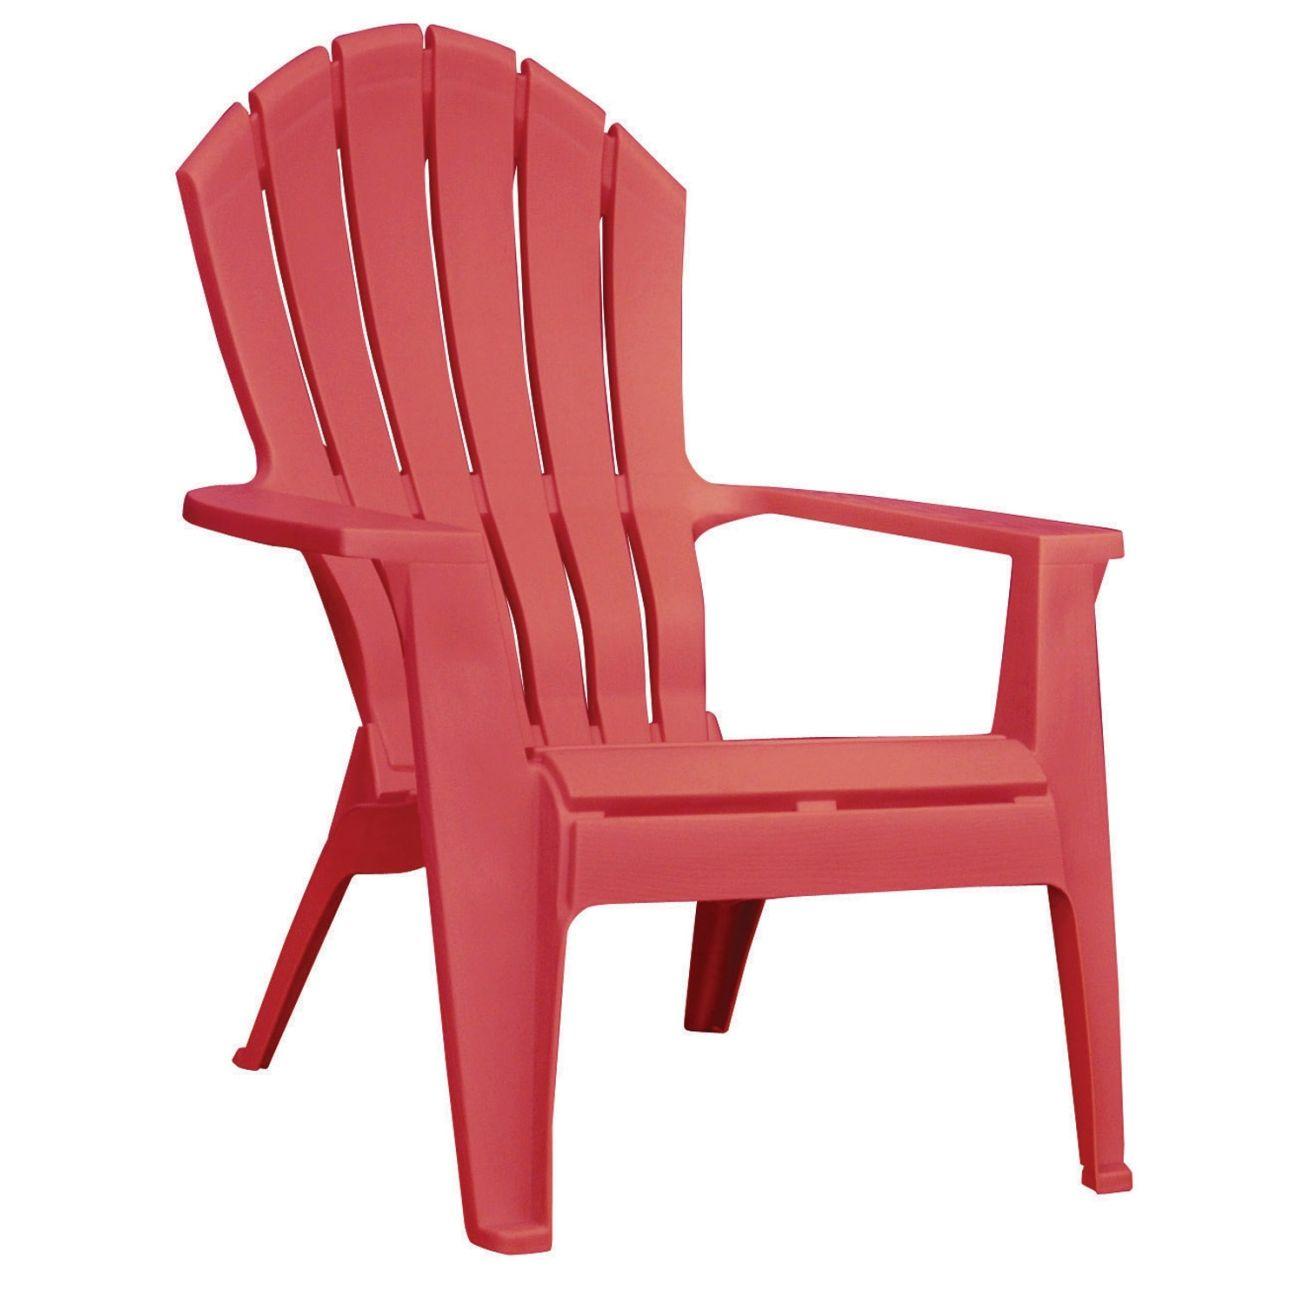 Adams High Back Stacking Ergonomic Adirondack Chair In Cherry Red    Adirondack U0026 Rocking Chairs